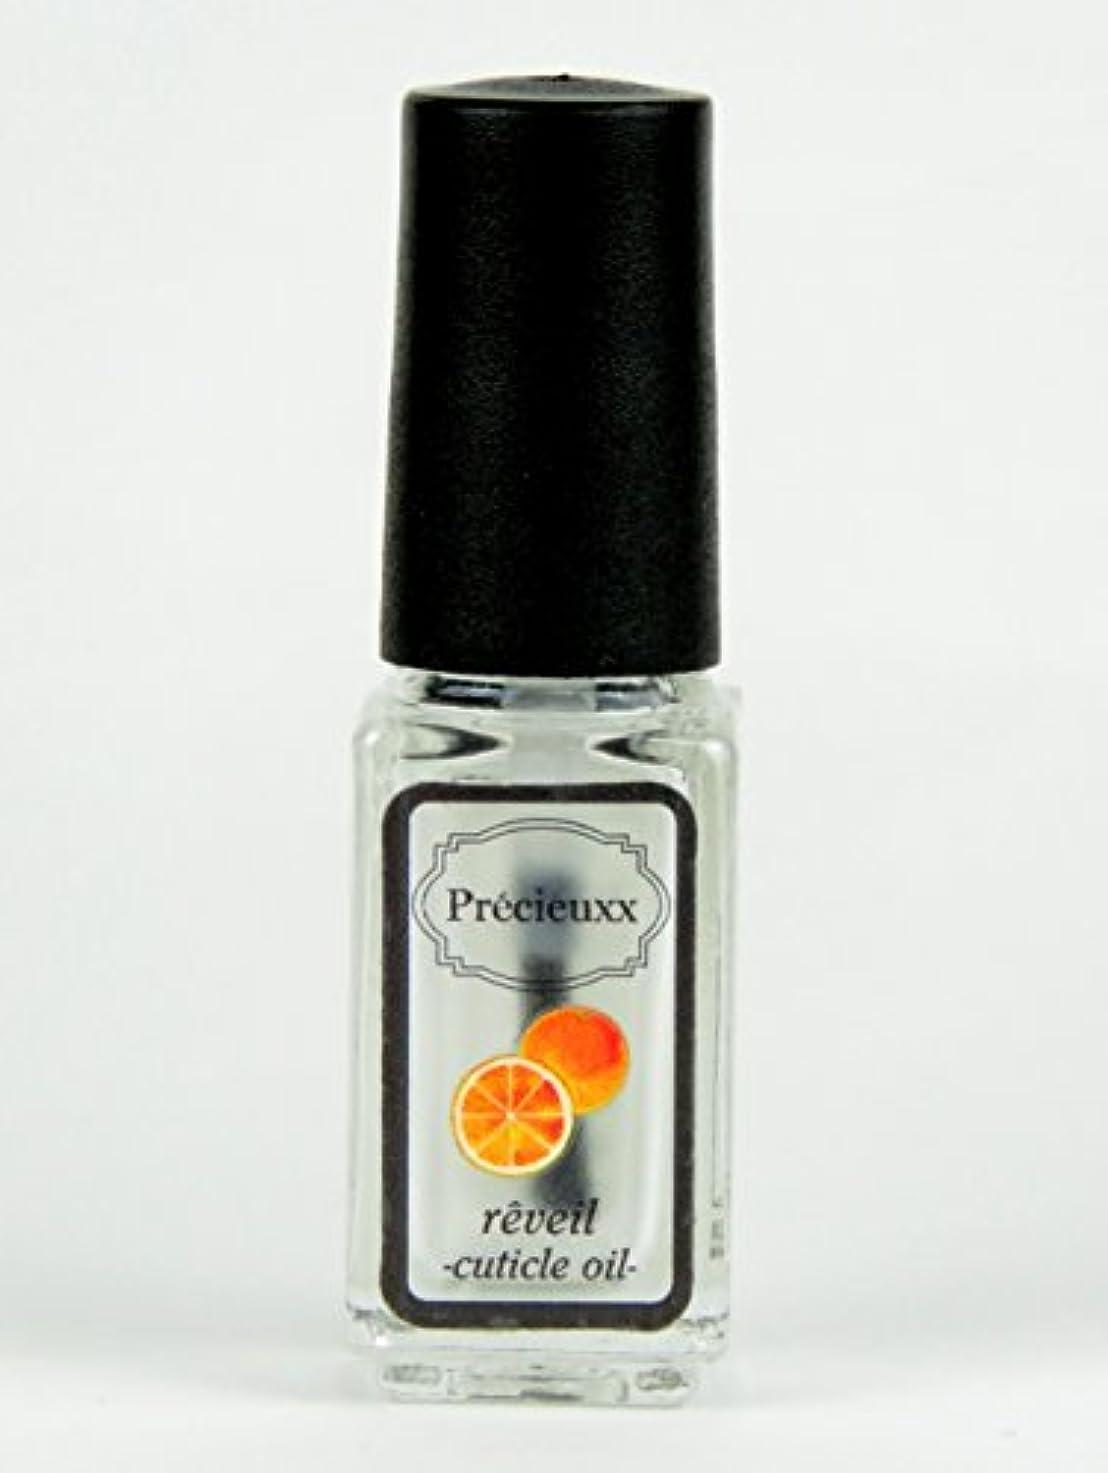 エジプト人解明アクティビティオーガニック ネイルオイル Precieuxx(プレシュー) ネイルアンドキューティクルボタニカルオイル 5ml オレンジ